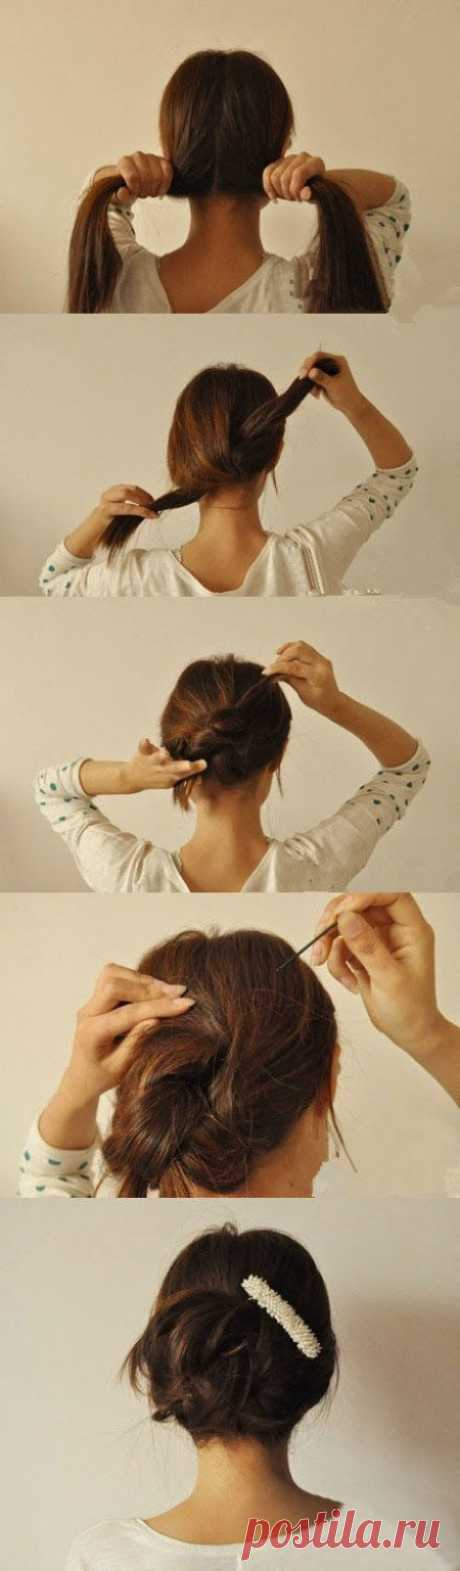 El manojo en dos nudos. 12 peinados simples originales en 3 minutos